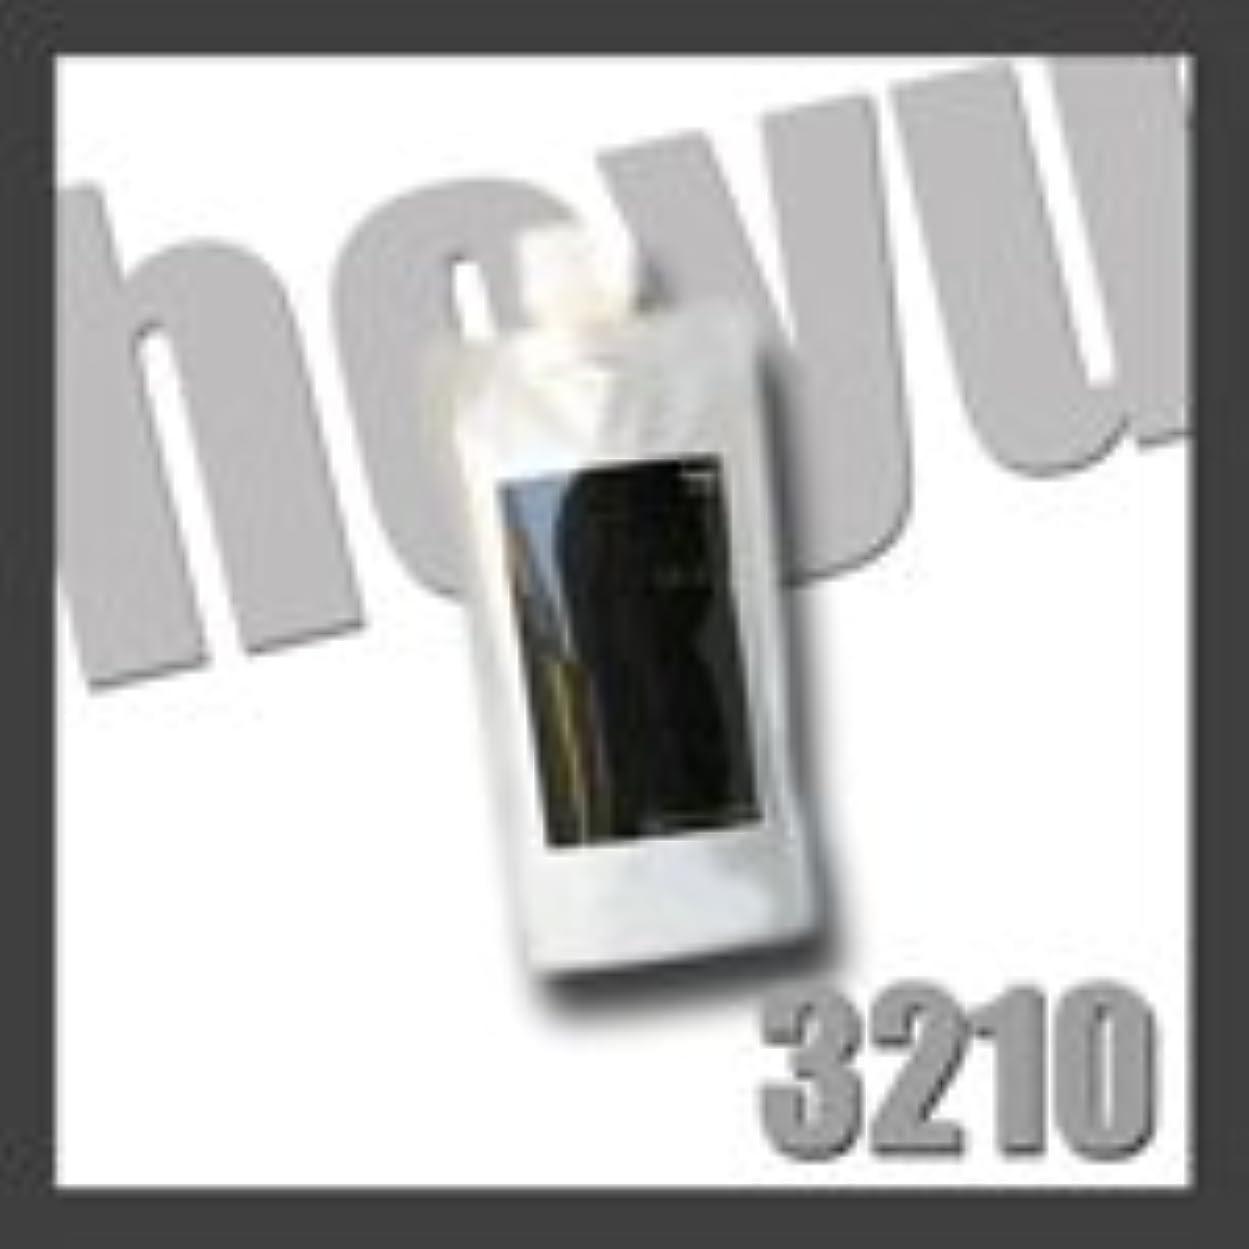 ペア腐ったどれHOYU ホーユー 3210 ミニーレ ウルトラハード ワックス レフィル 200g 詰替用 フィニッシュワークシリーズ